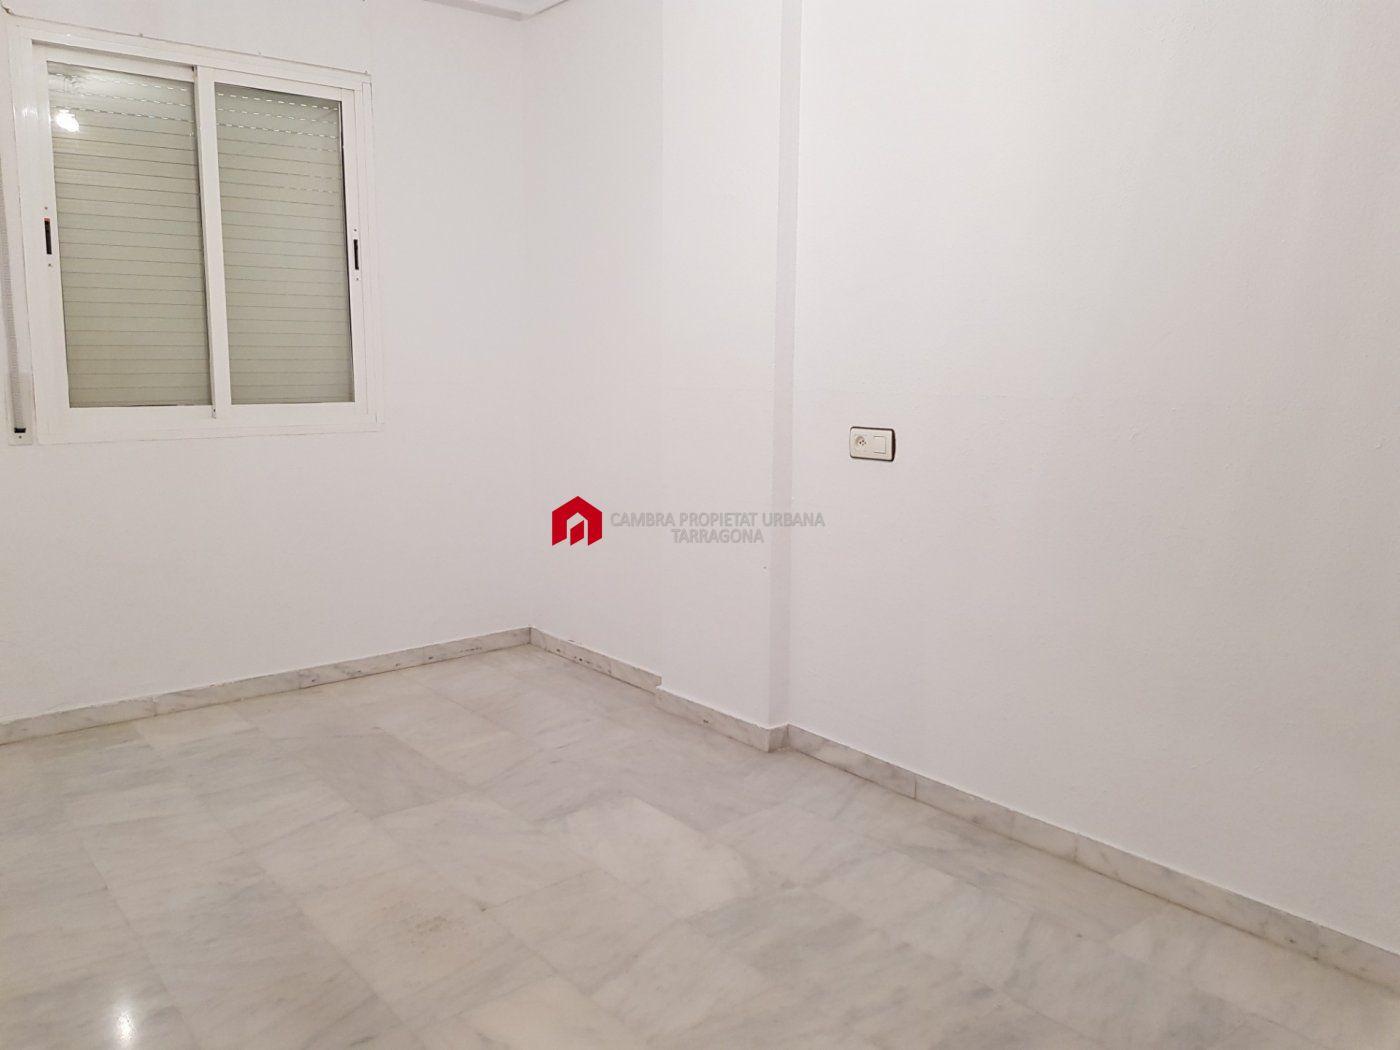 Pis · Tarragona · Nou Eixample Sud 812€ MES€